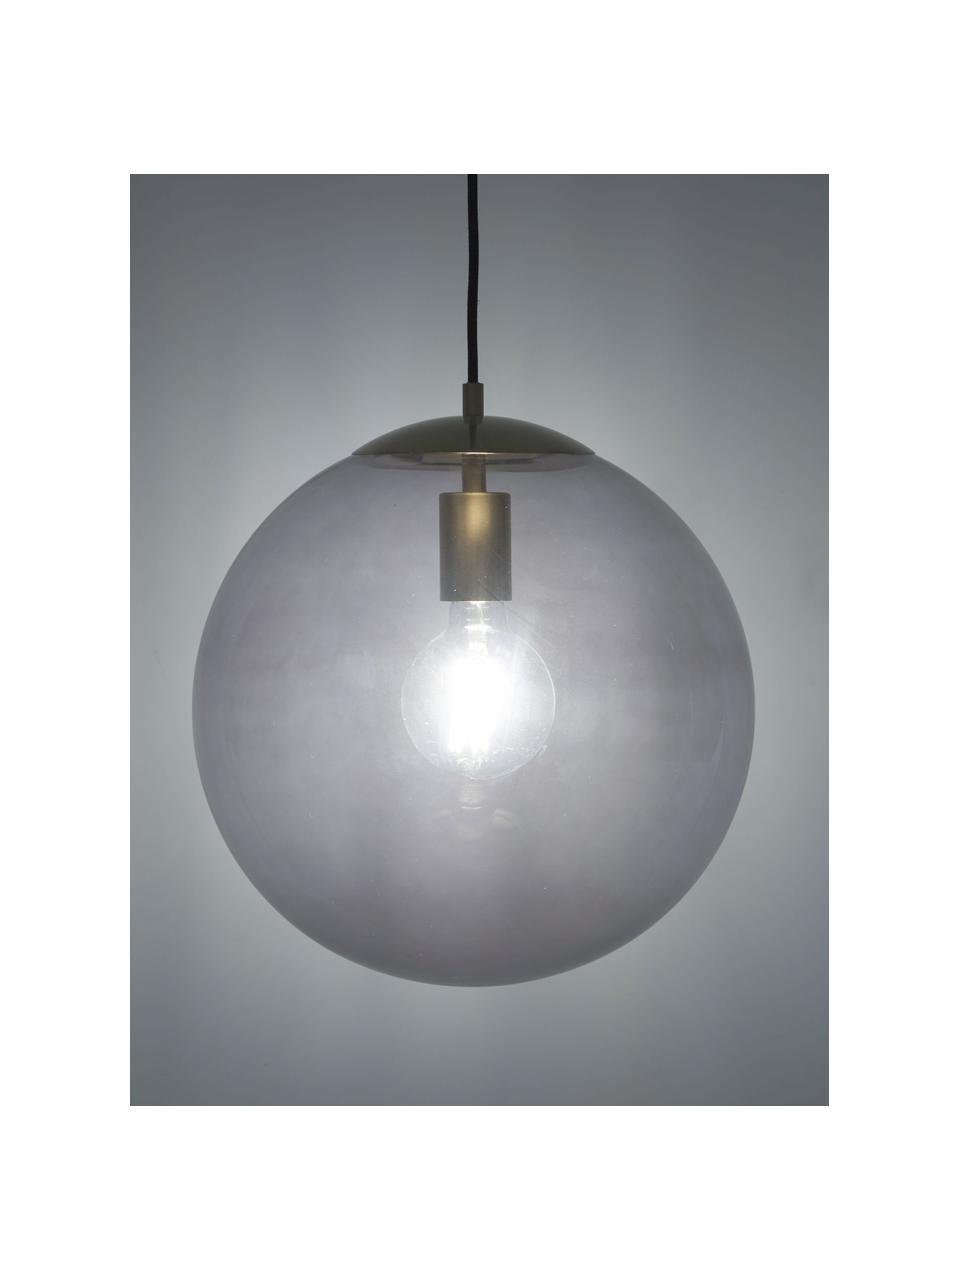 Lampa wisząca ze szkła Bao, Niebieski, Ø 35 cm